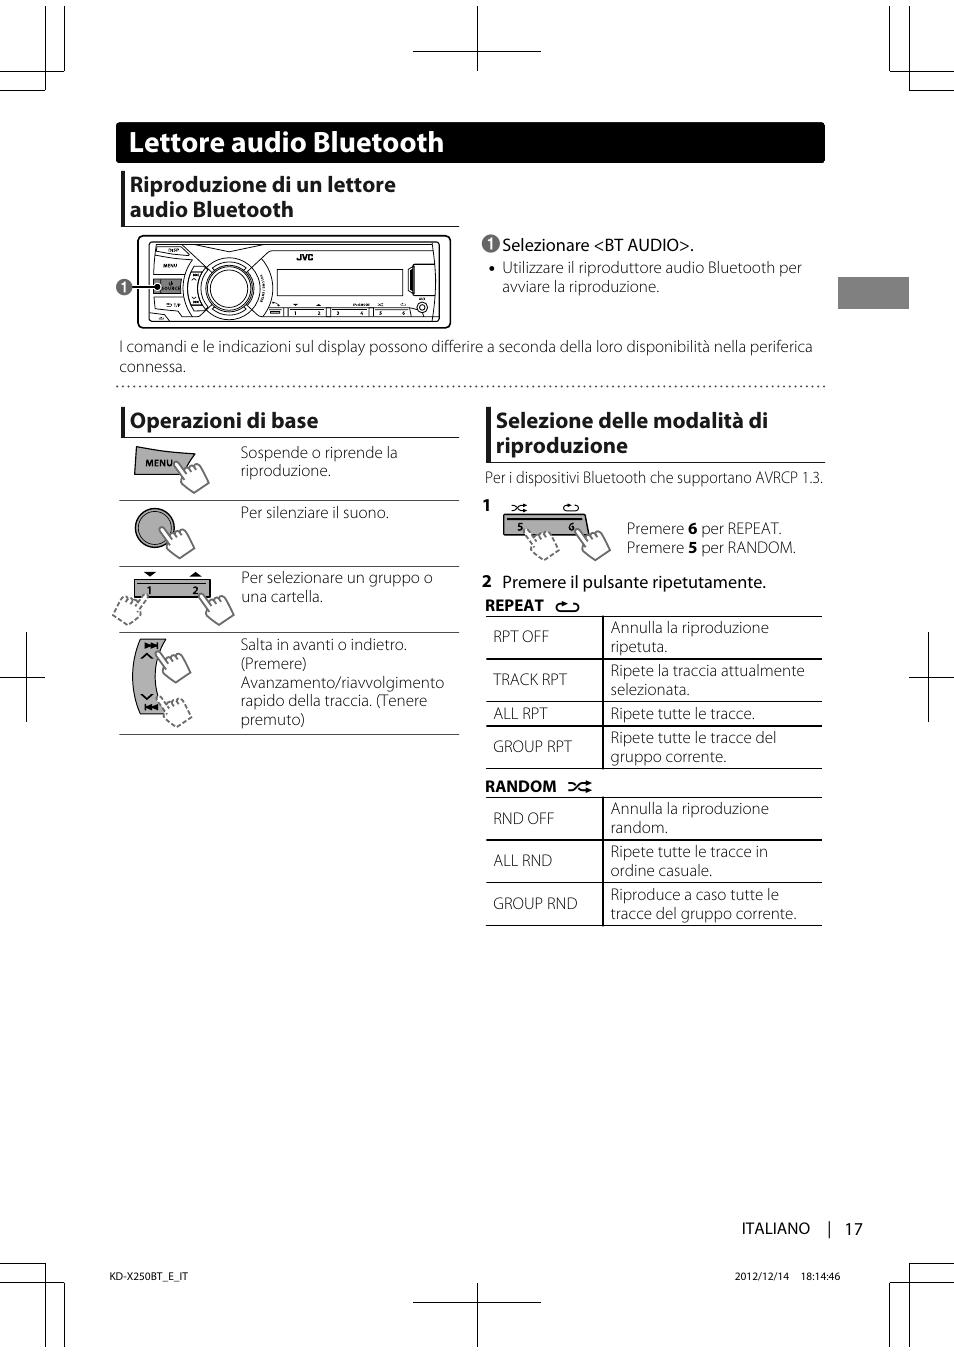 Lettore audio bluetooth, Riproduzione di un lettore audio